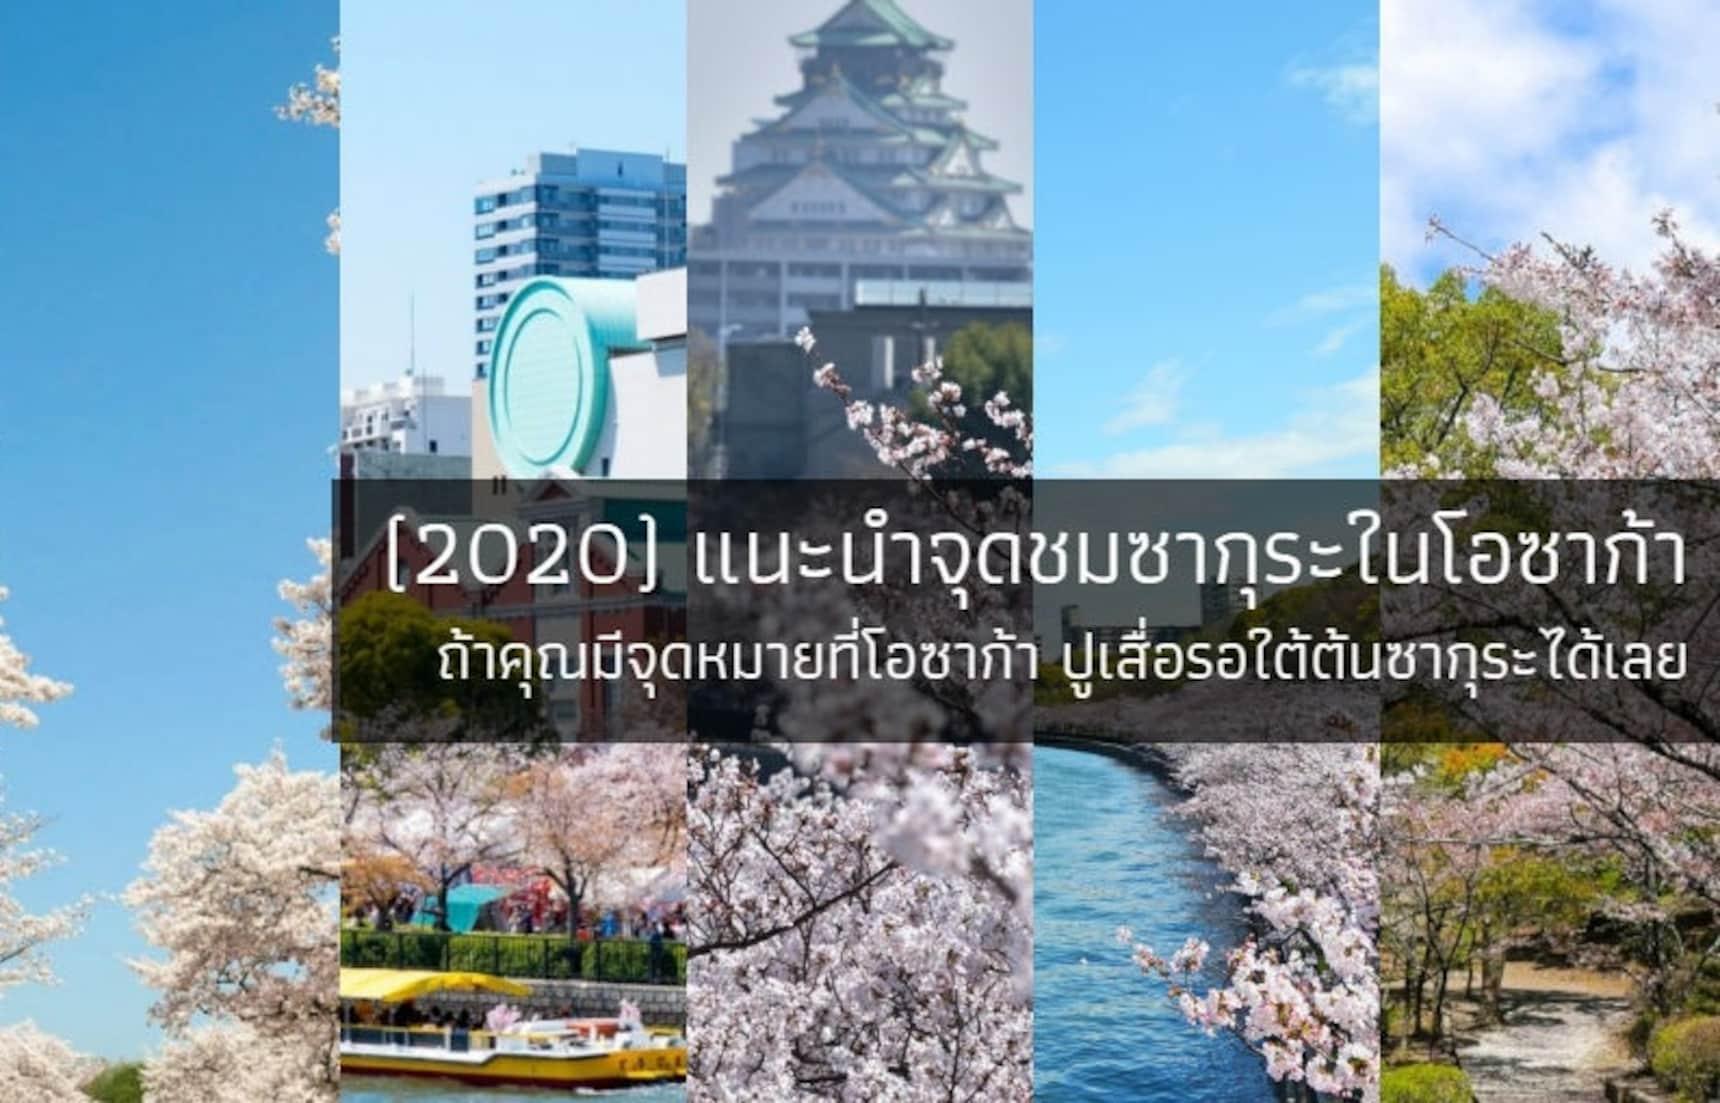 (2020) แนะนำจุดชมซากุระในโอซาก้า